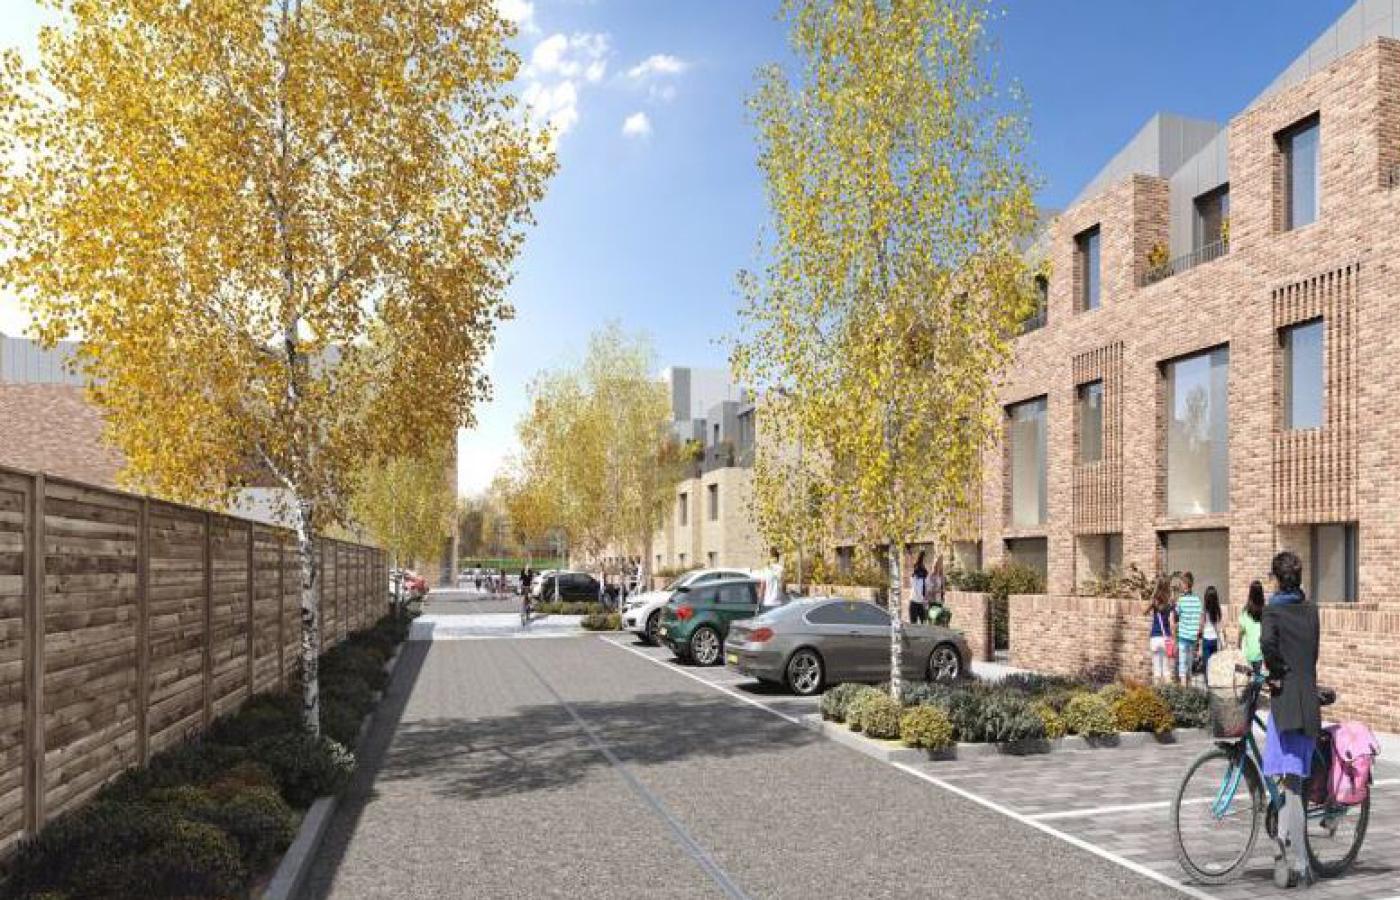 luxury waterside apartments nottingham (cgi image) parking